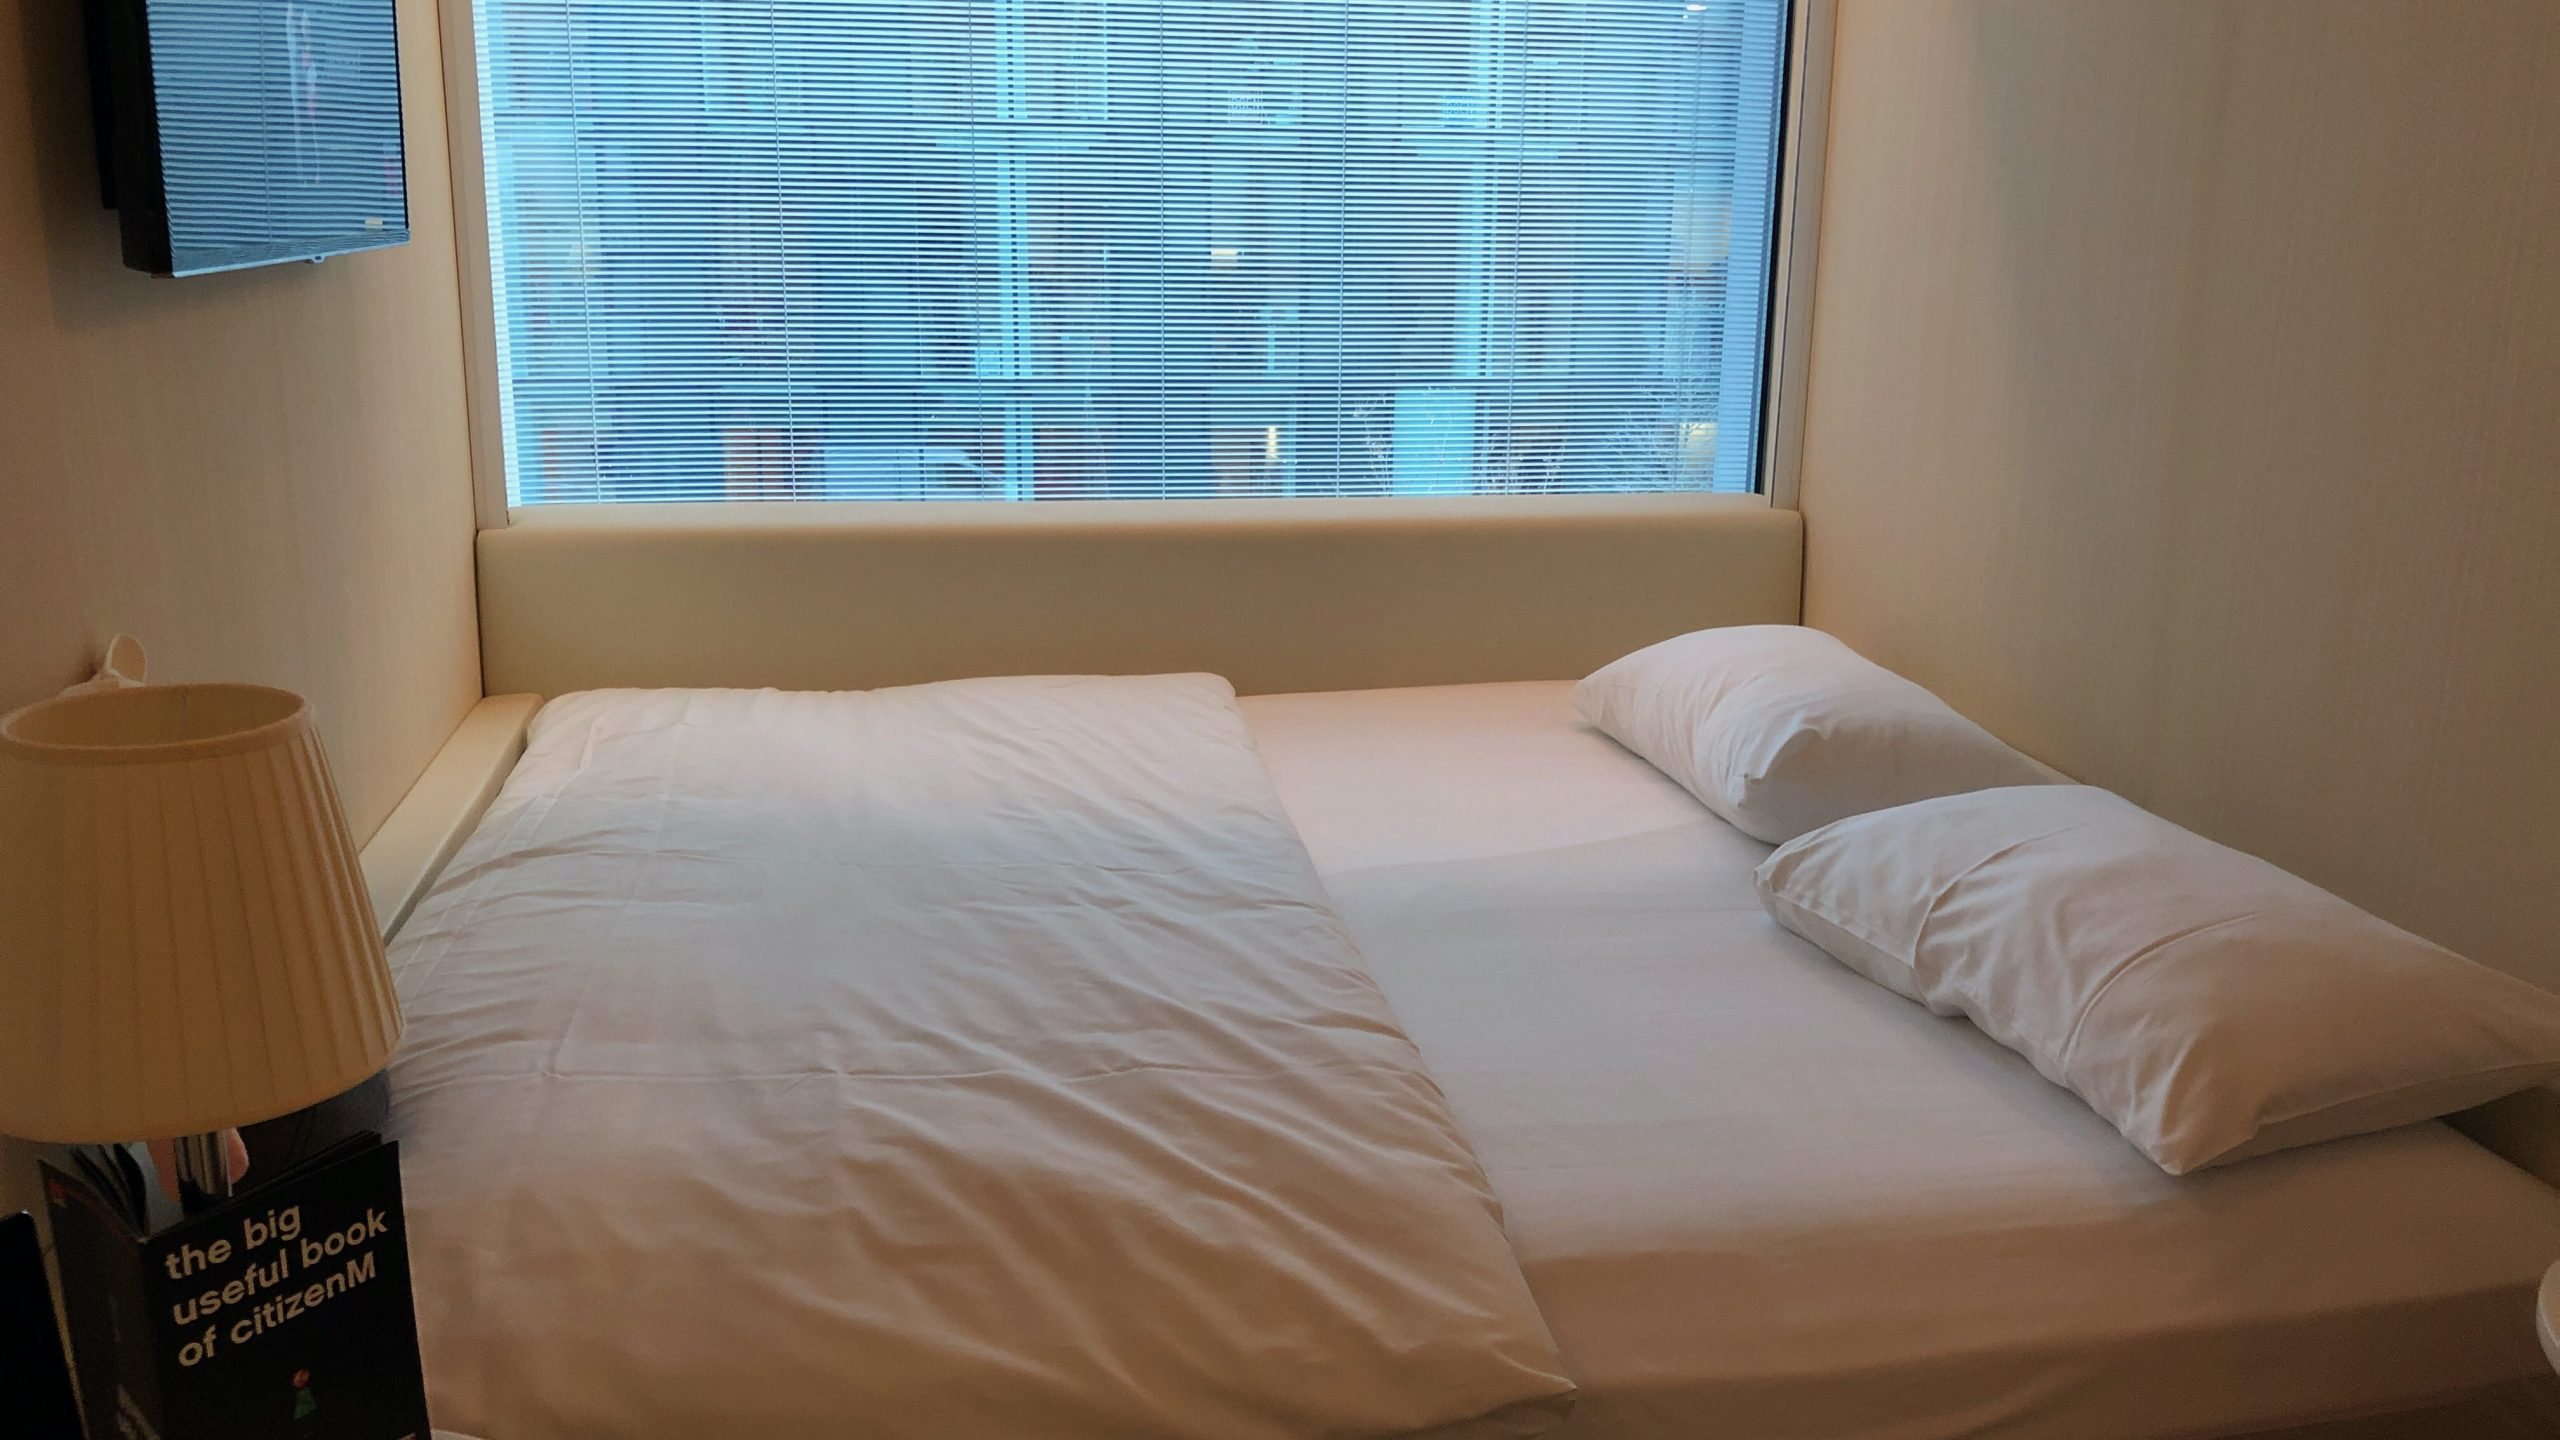 CitizenM Amsterdam: Smartes Wohnen oder doch nur ein Budget Hotel?